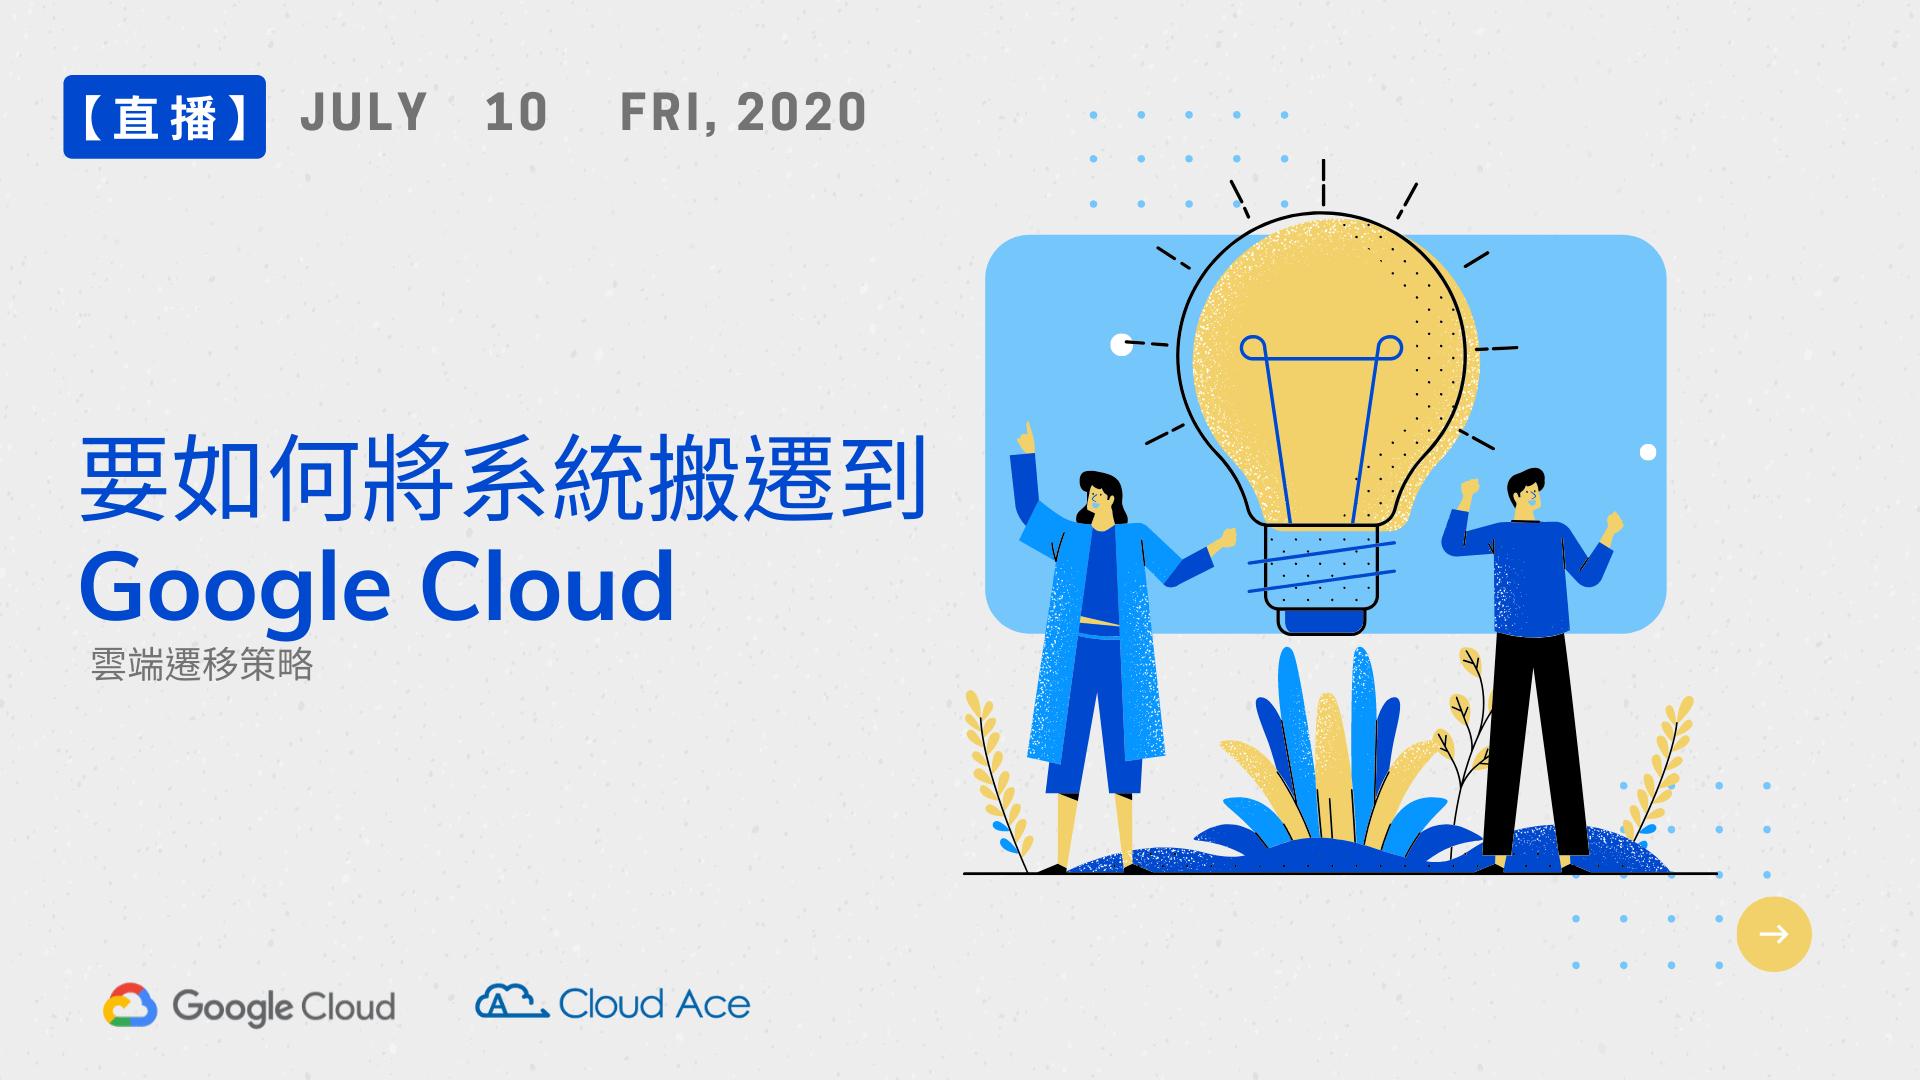 原模原樣搬家到 GCP ,開始制定您的雲端搬遷藍圖